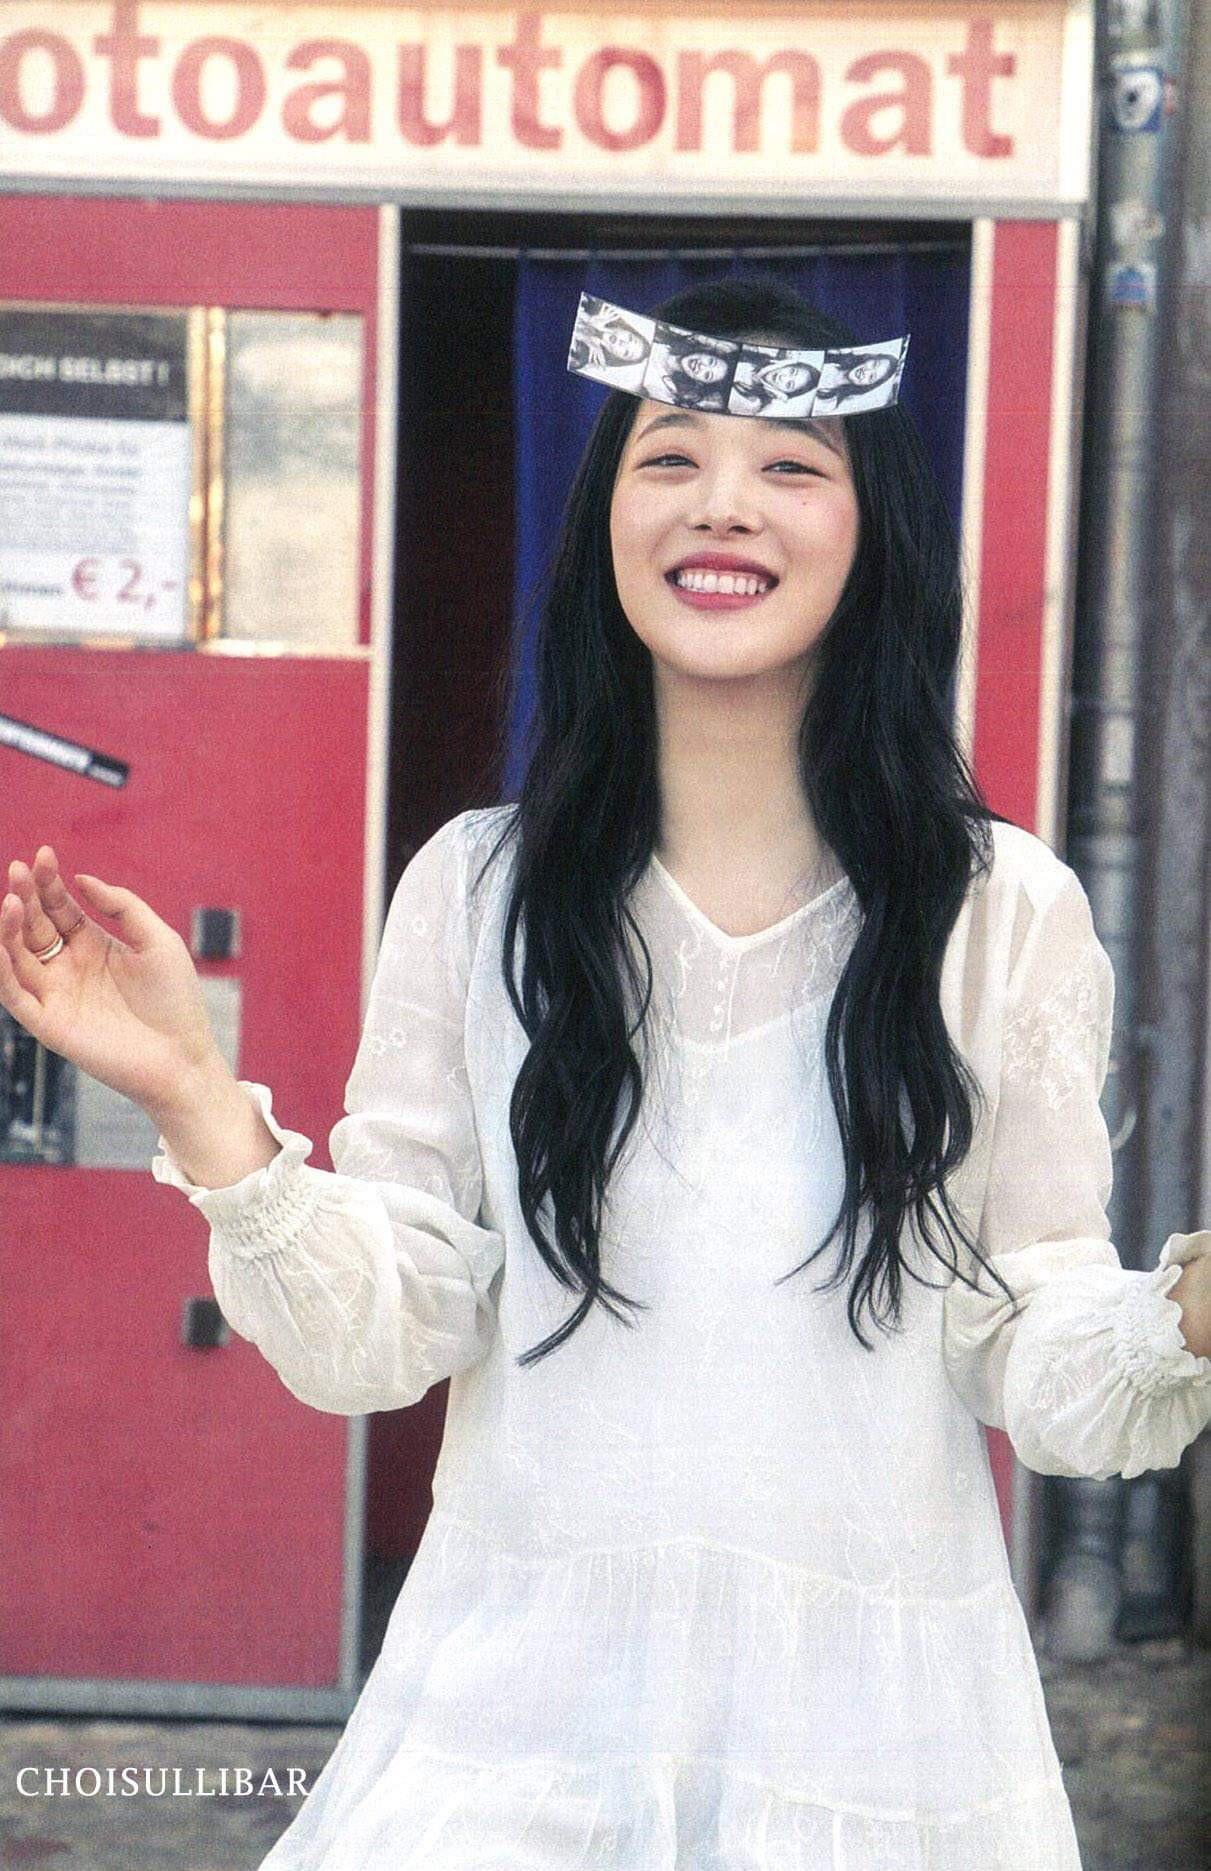 Sulli khiến netizen thay đổi 180 độ vì bộ ảnh chứng minh: Không nổi loạn, nhan sắc này có lẽ đã thành huyền thoại - Ảnh 10.